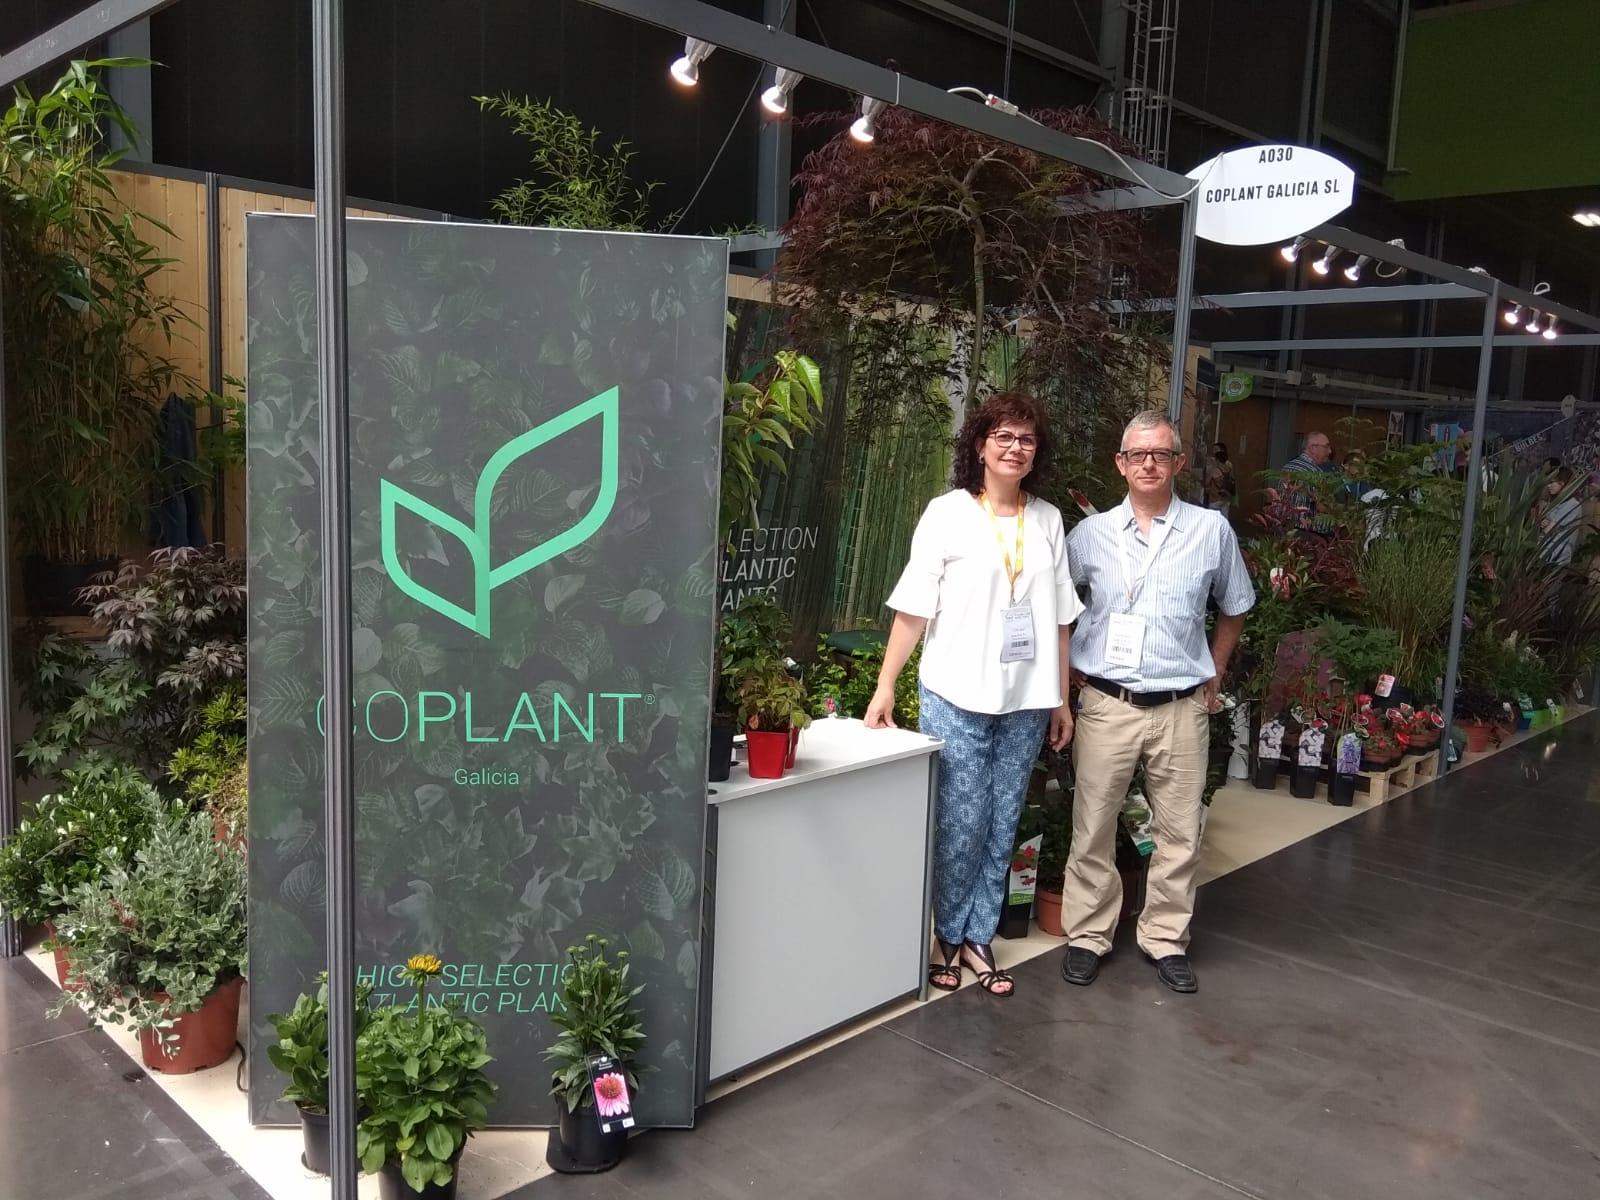 Clientes de todas las nacionalidades visitan el stand de Coplant Galicia en el Salon du Vegetal de Nantes